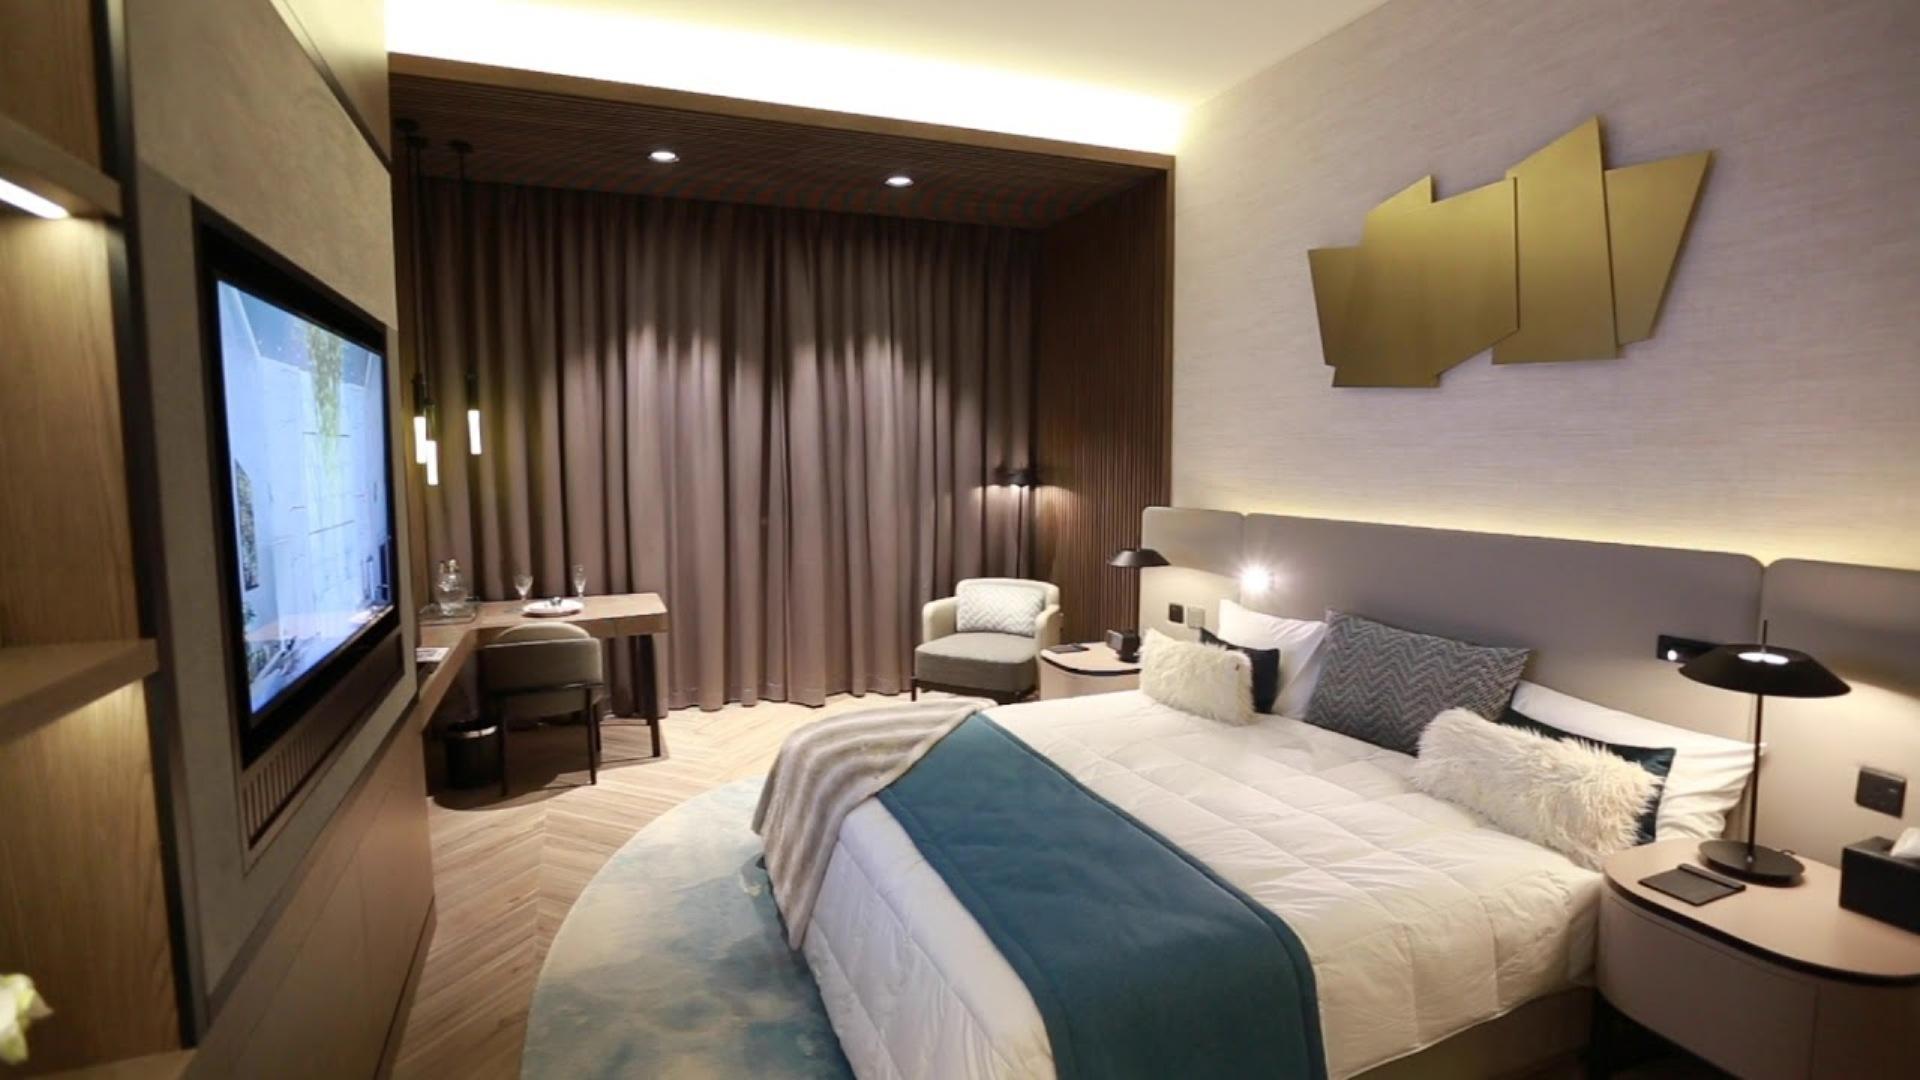 Apartamento en venta en Dubai, EAU, 2 dormitorios, 108 m2, № 24404 – foto 2